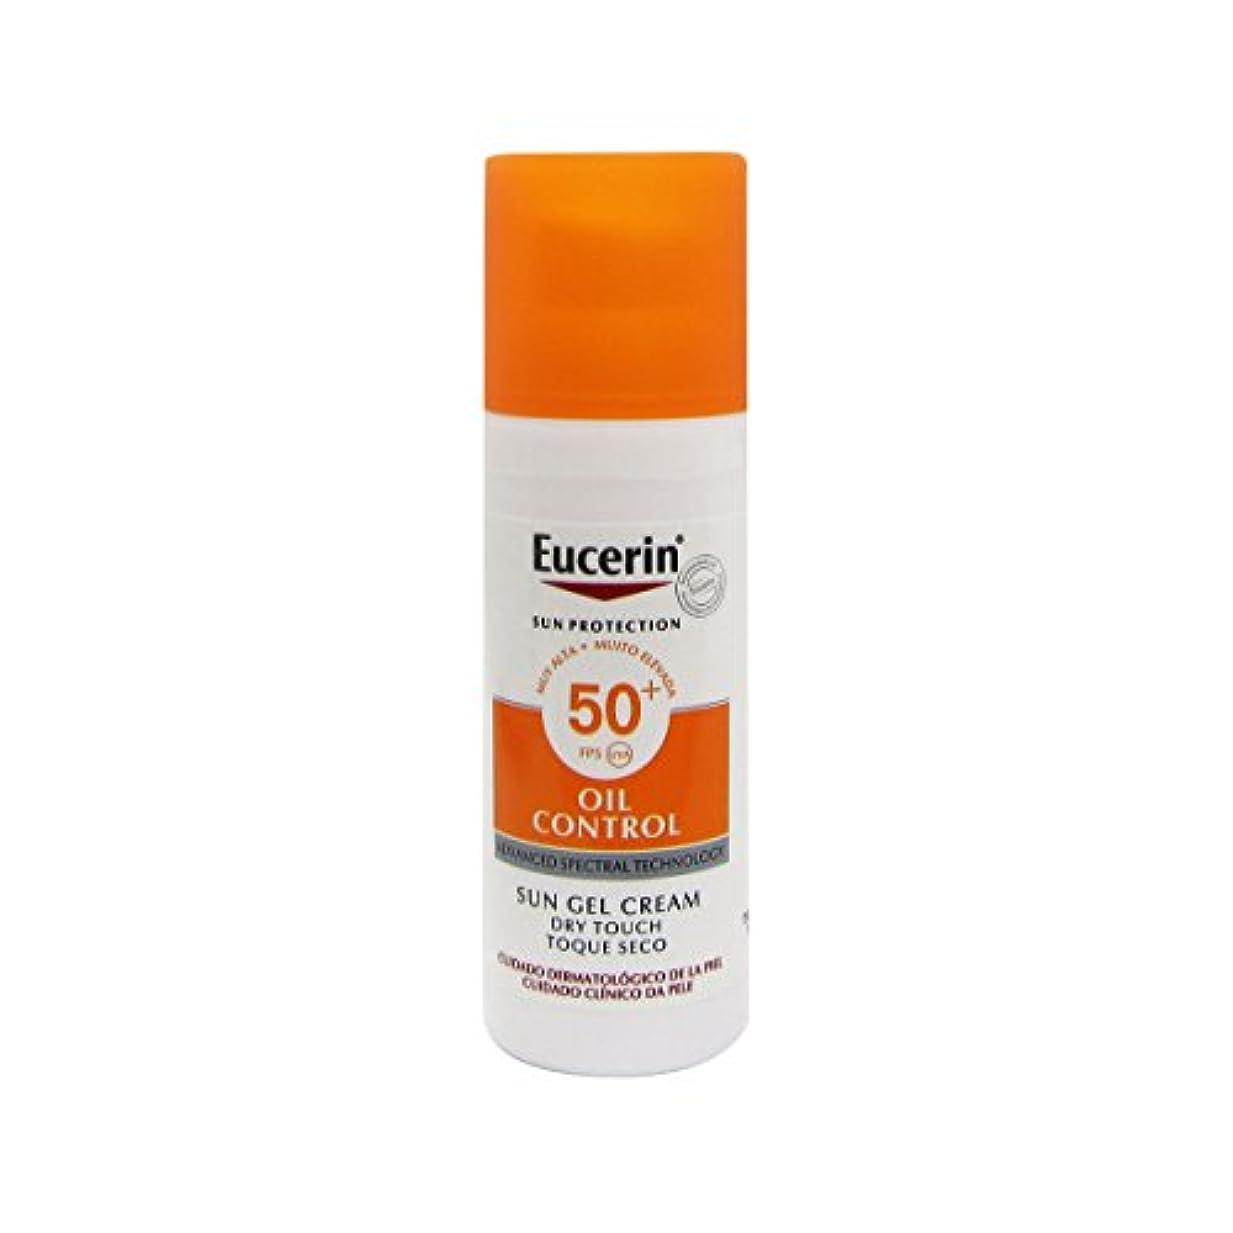 アジア人カスタム抑圧Eucerin Sun Face Oil Control Gel-cream Spf50 50ml [並行輸入品]